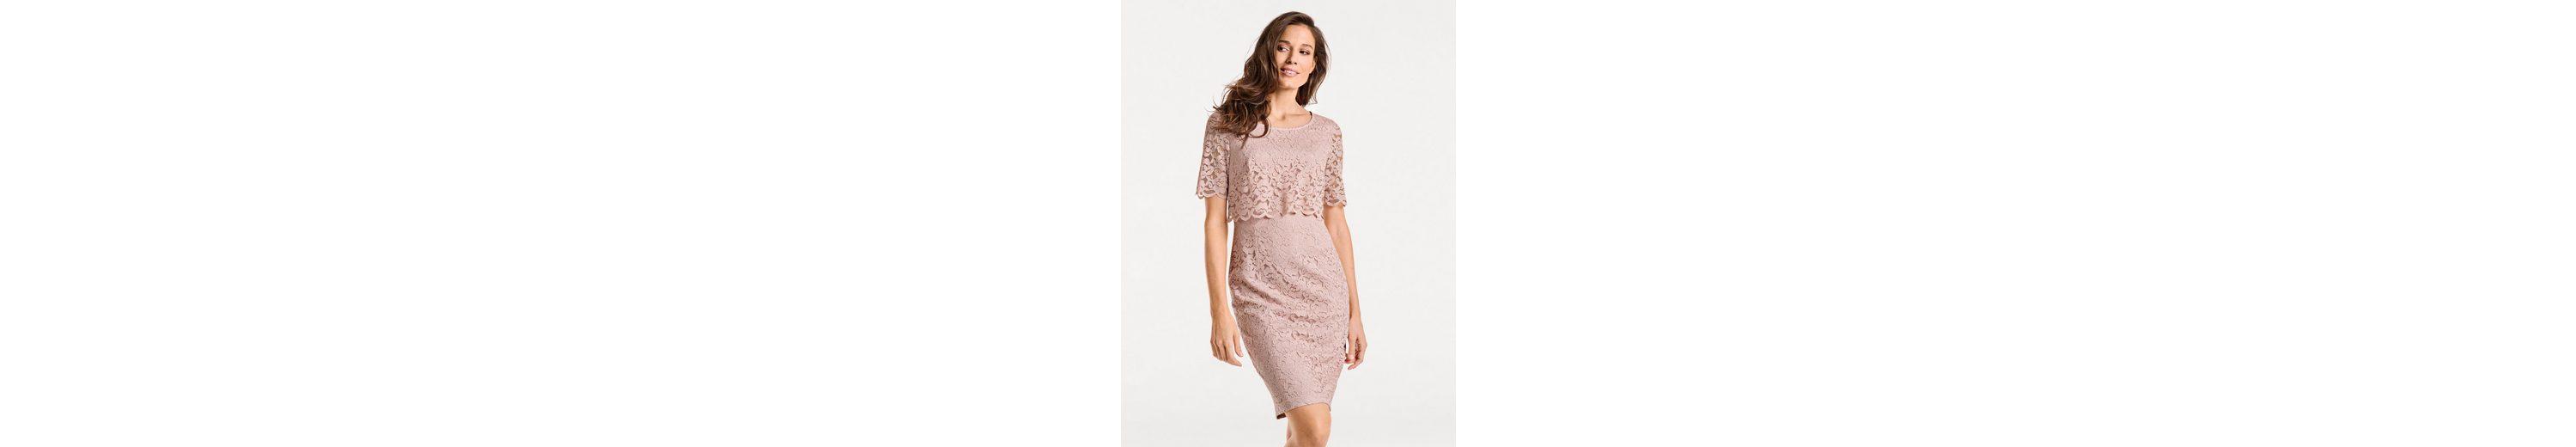 Verkauf Echten Verkauf Online-Shopping PATRIZIA DINI by Heine Kleid aus hochwertiger Spitze xNSAHMTDIu